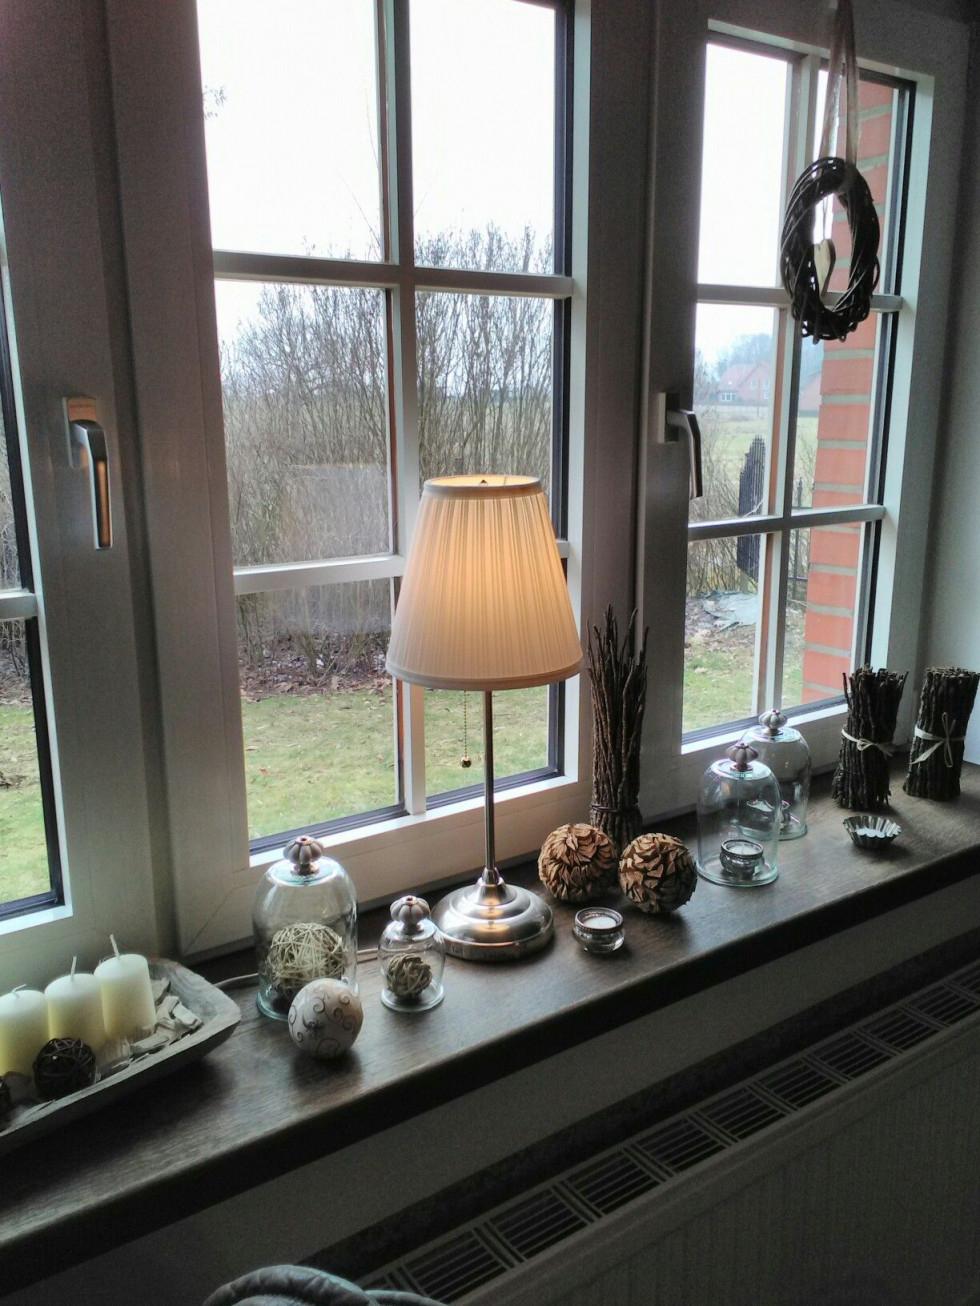 Fensterbank  Fenster Dekorieren Dekoration Wohnzimmer von Deko Wohnzimmer Fensterbank Photo